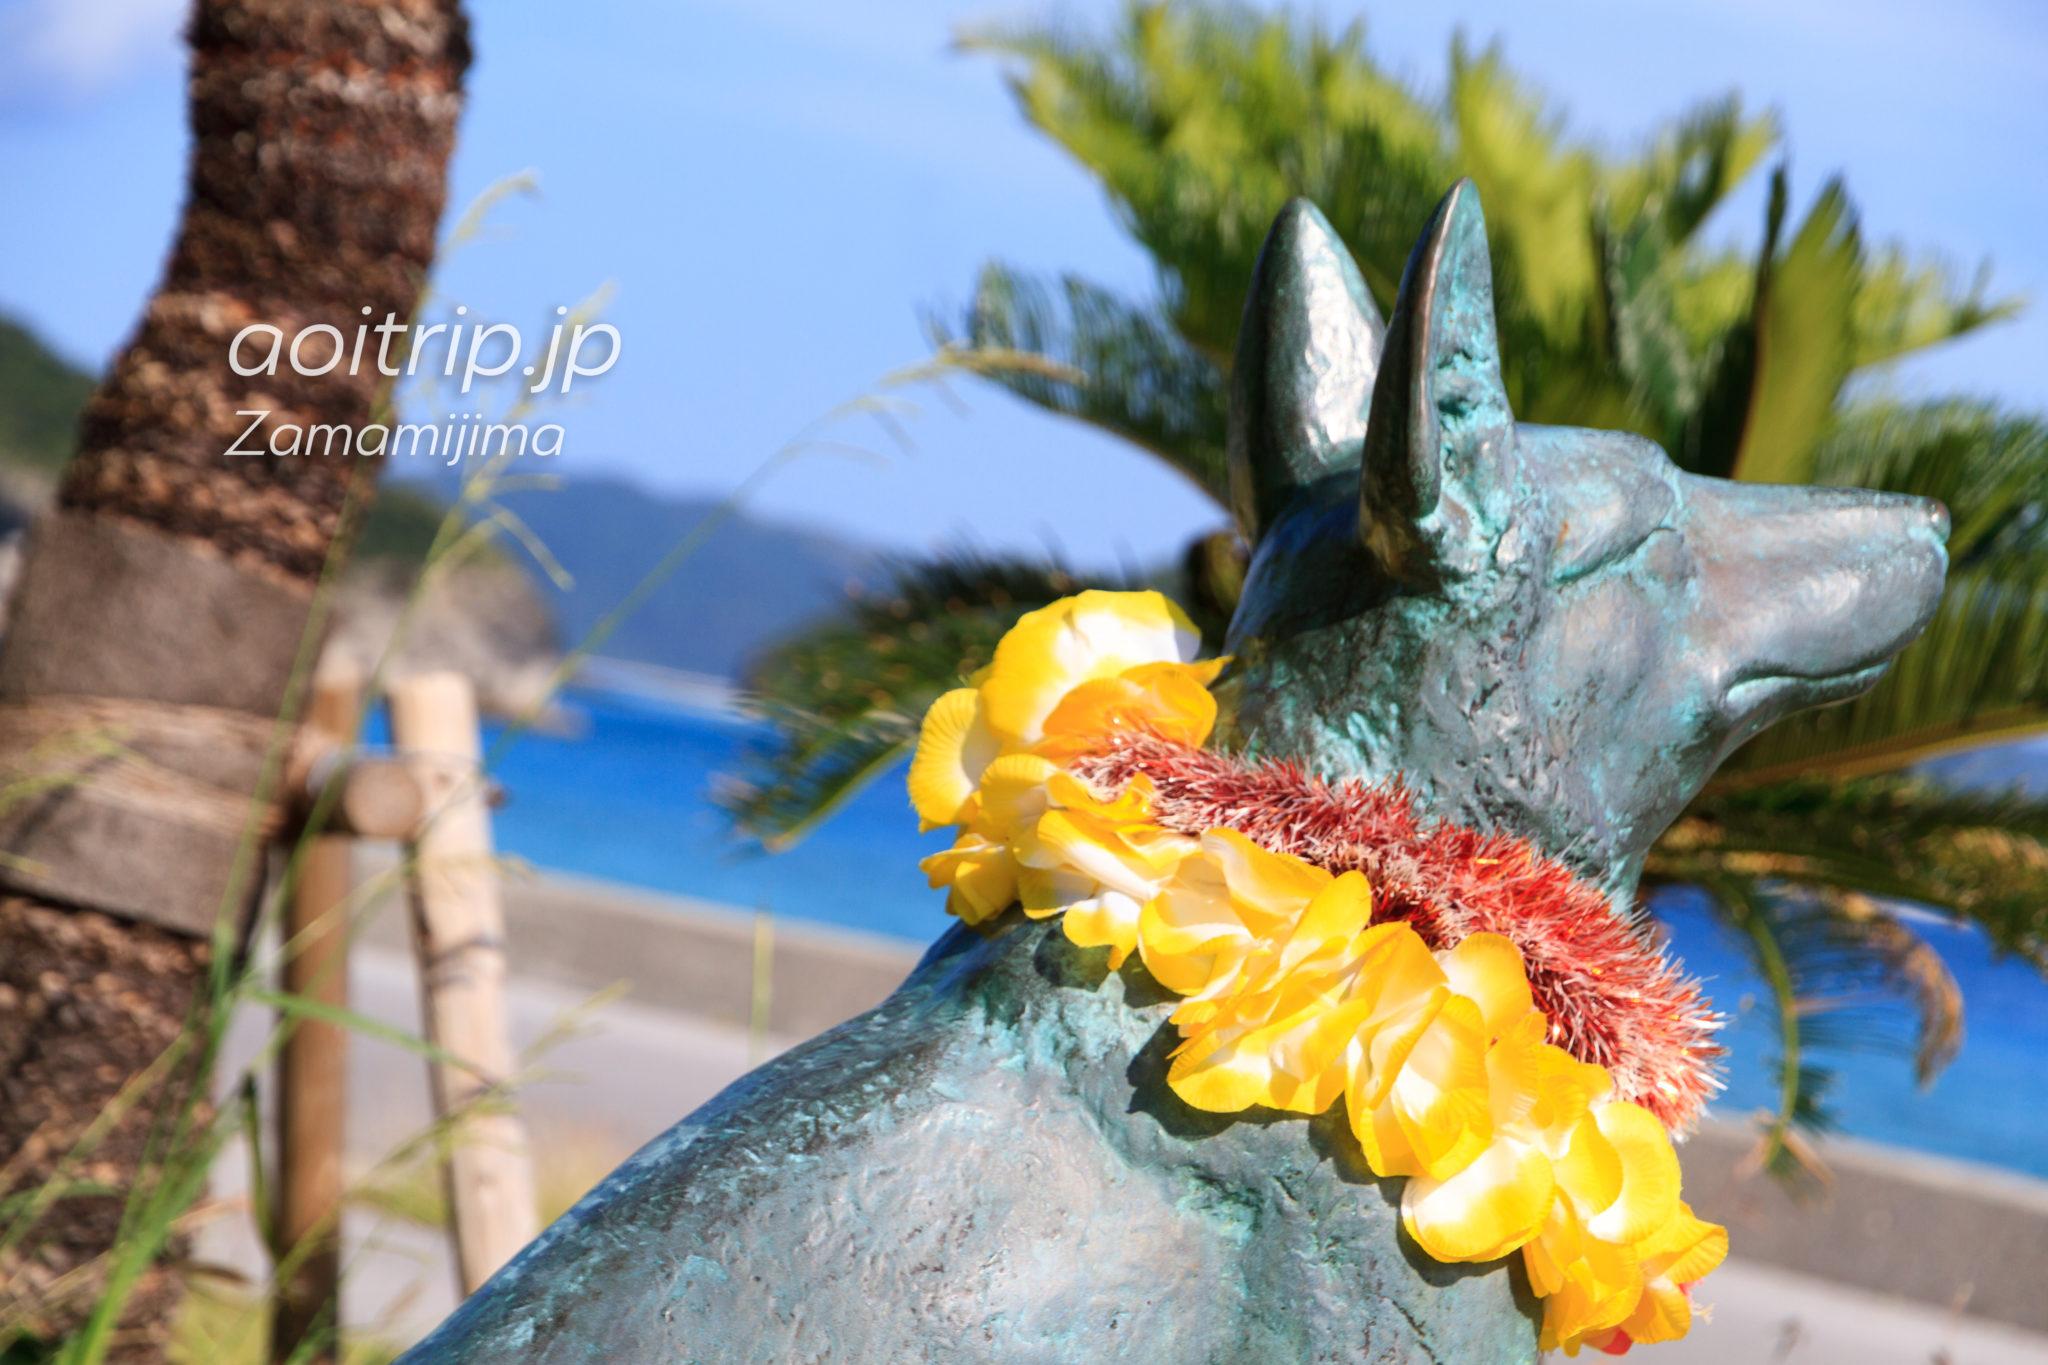 座間味島のマリリンの像